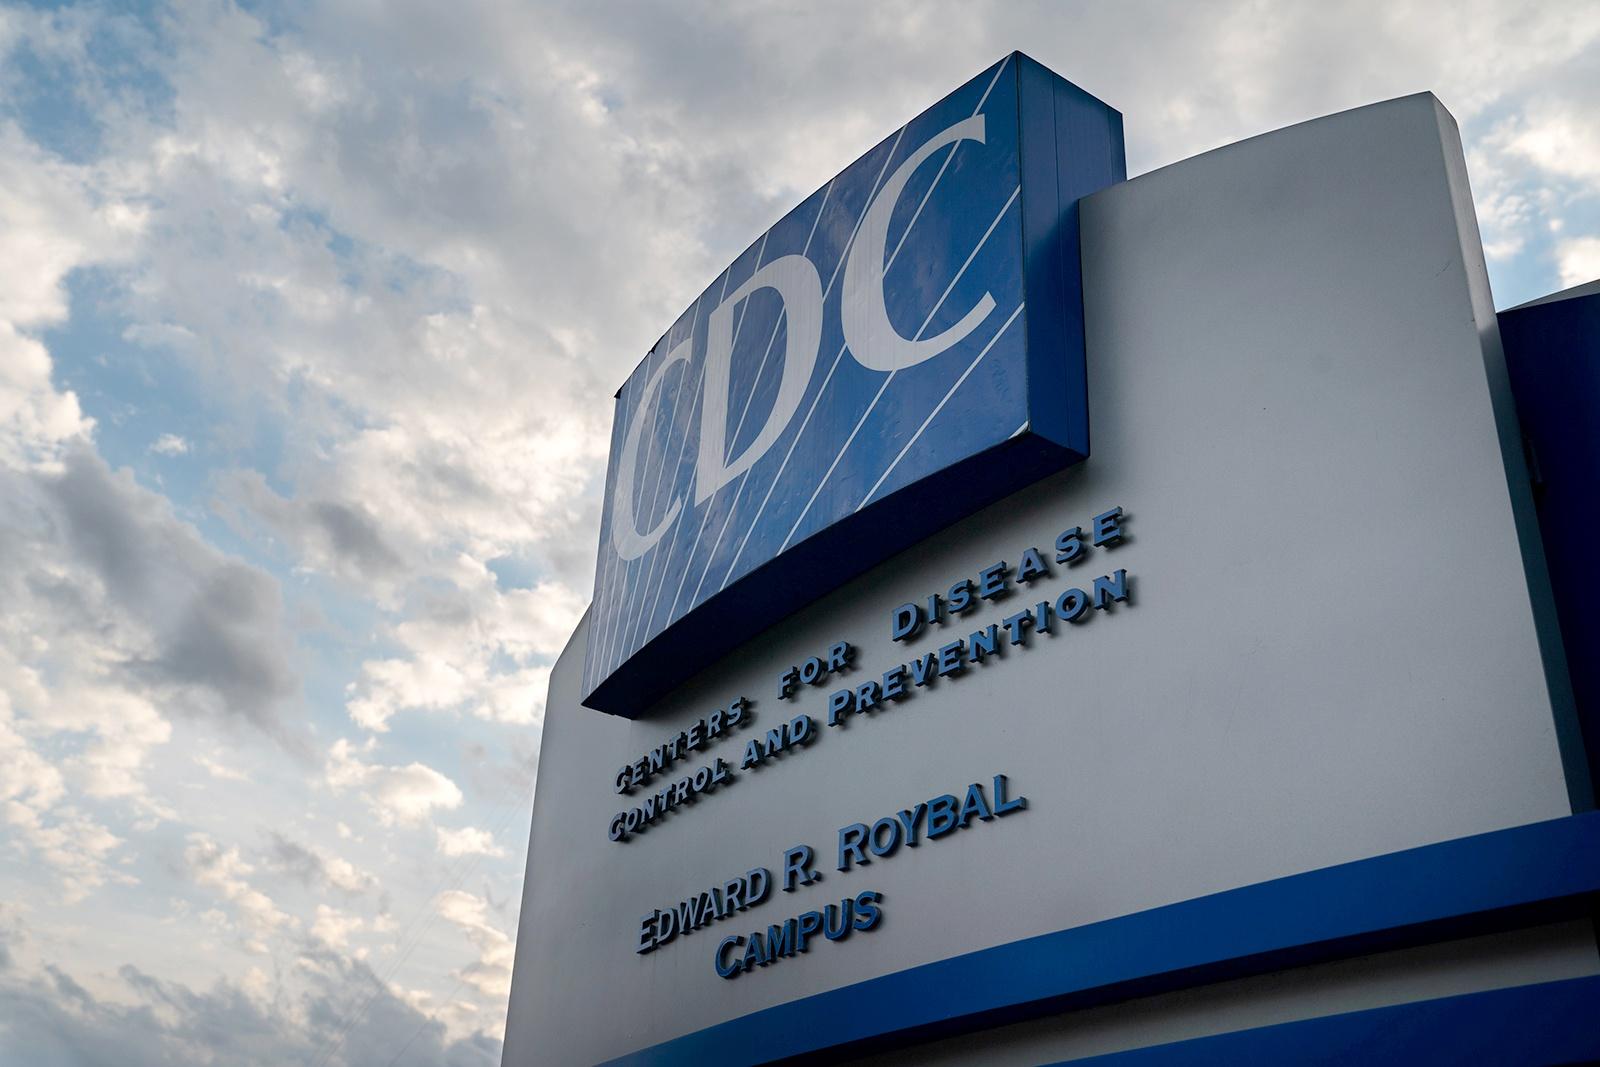 美疾控中心预测:未来3周 将有2万美国人死于新冠肺炎